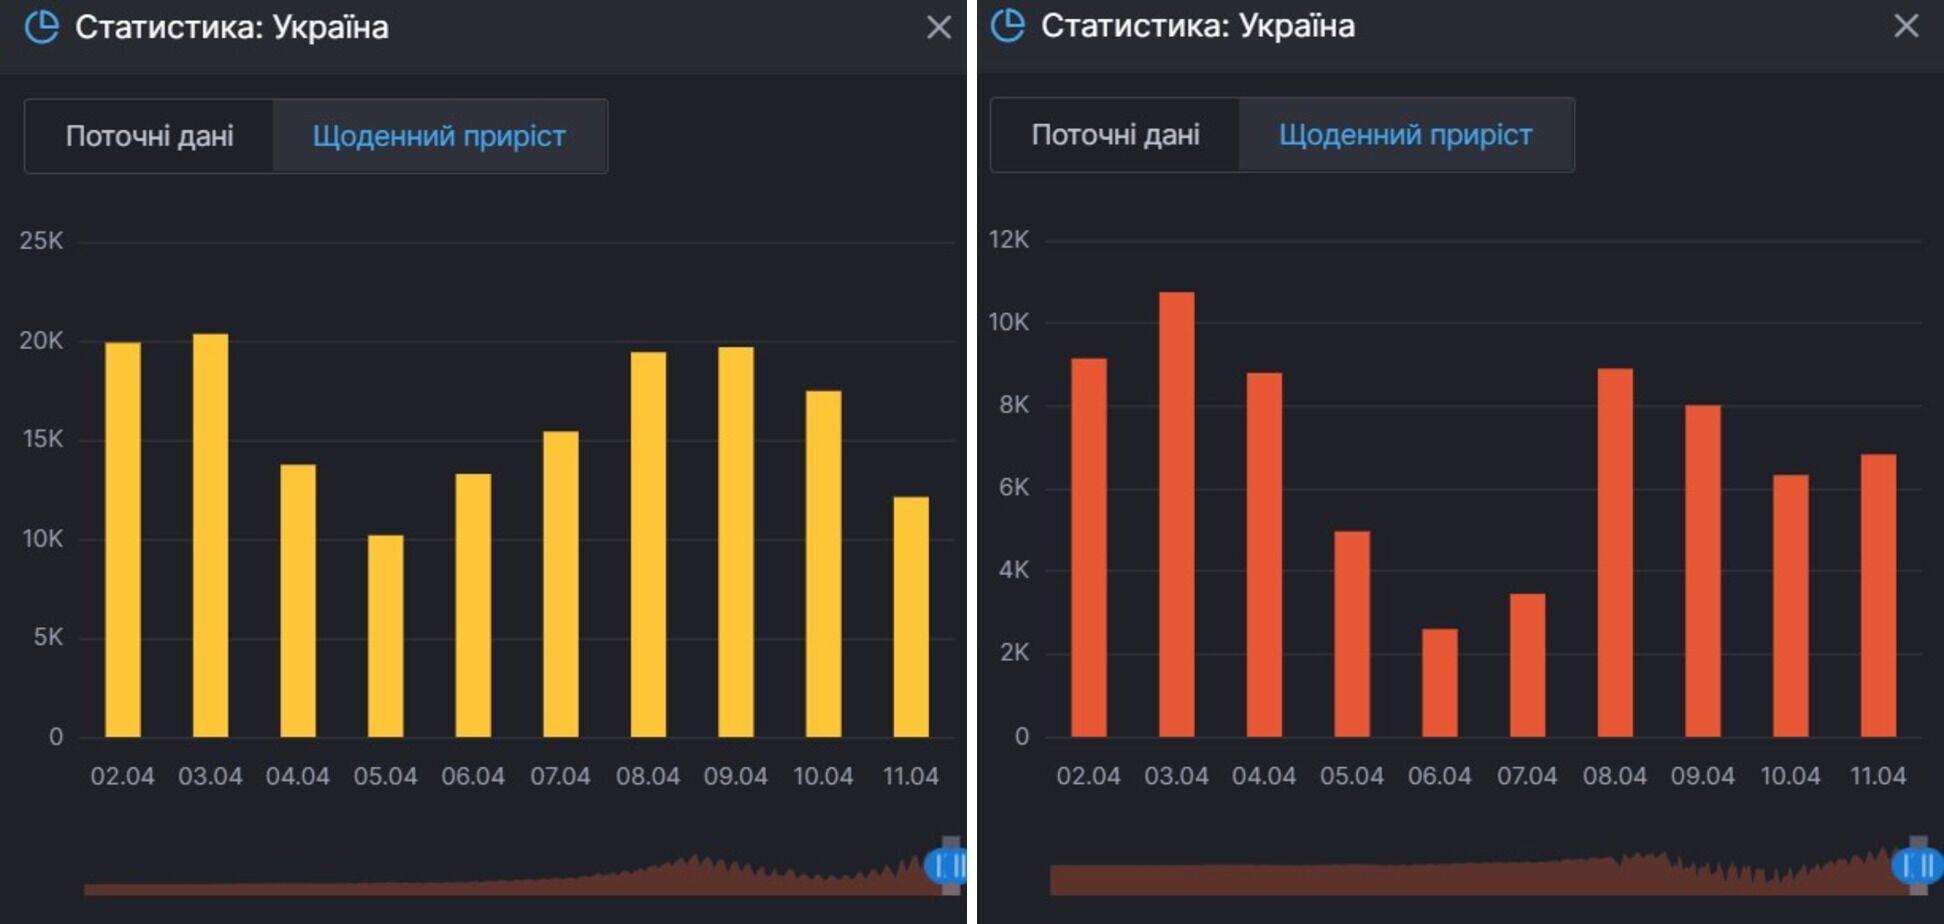 Ежедневный прирост заражений COVID-19 и тех, кто продолжает болеть, в Украине